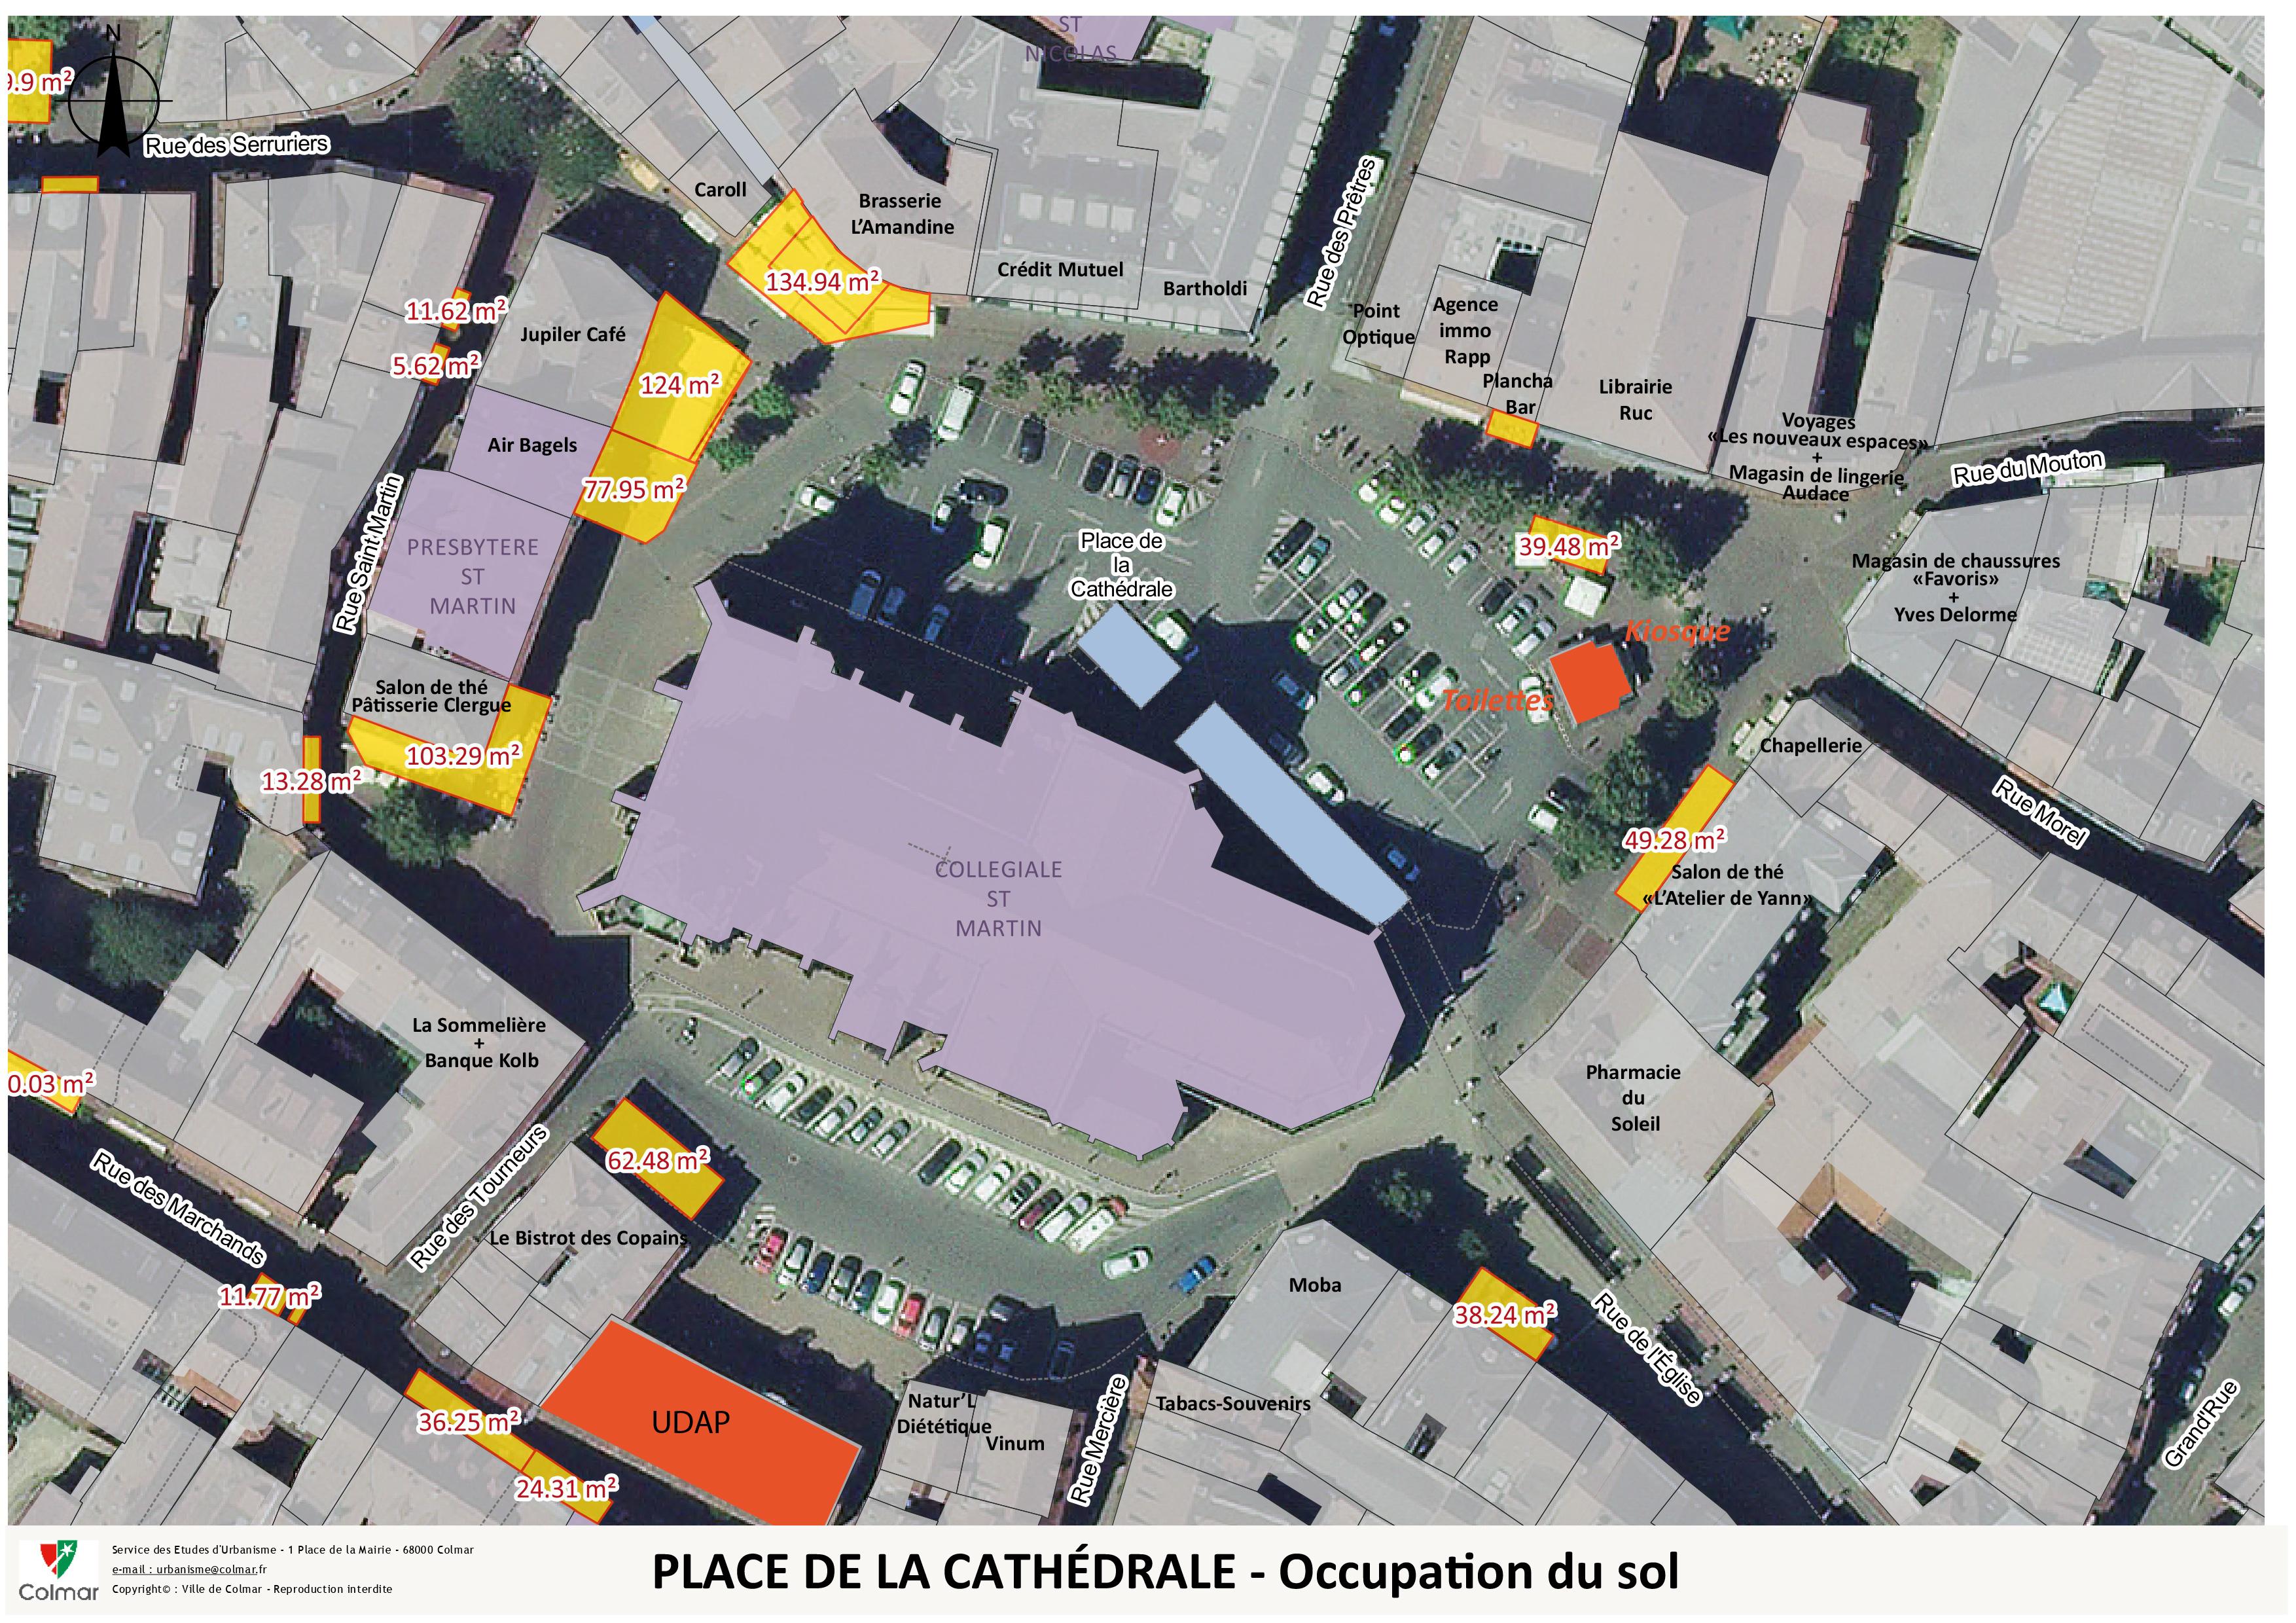 Place de la Cathédrale - occupation du sol